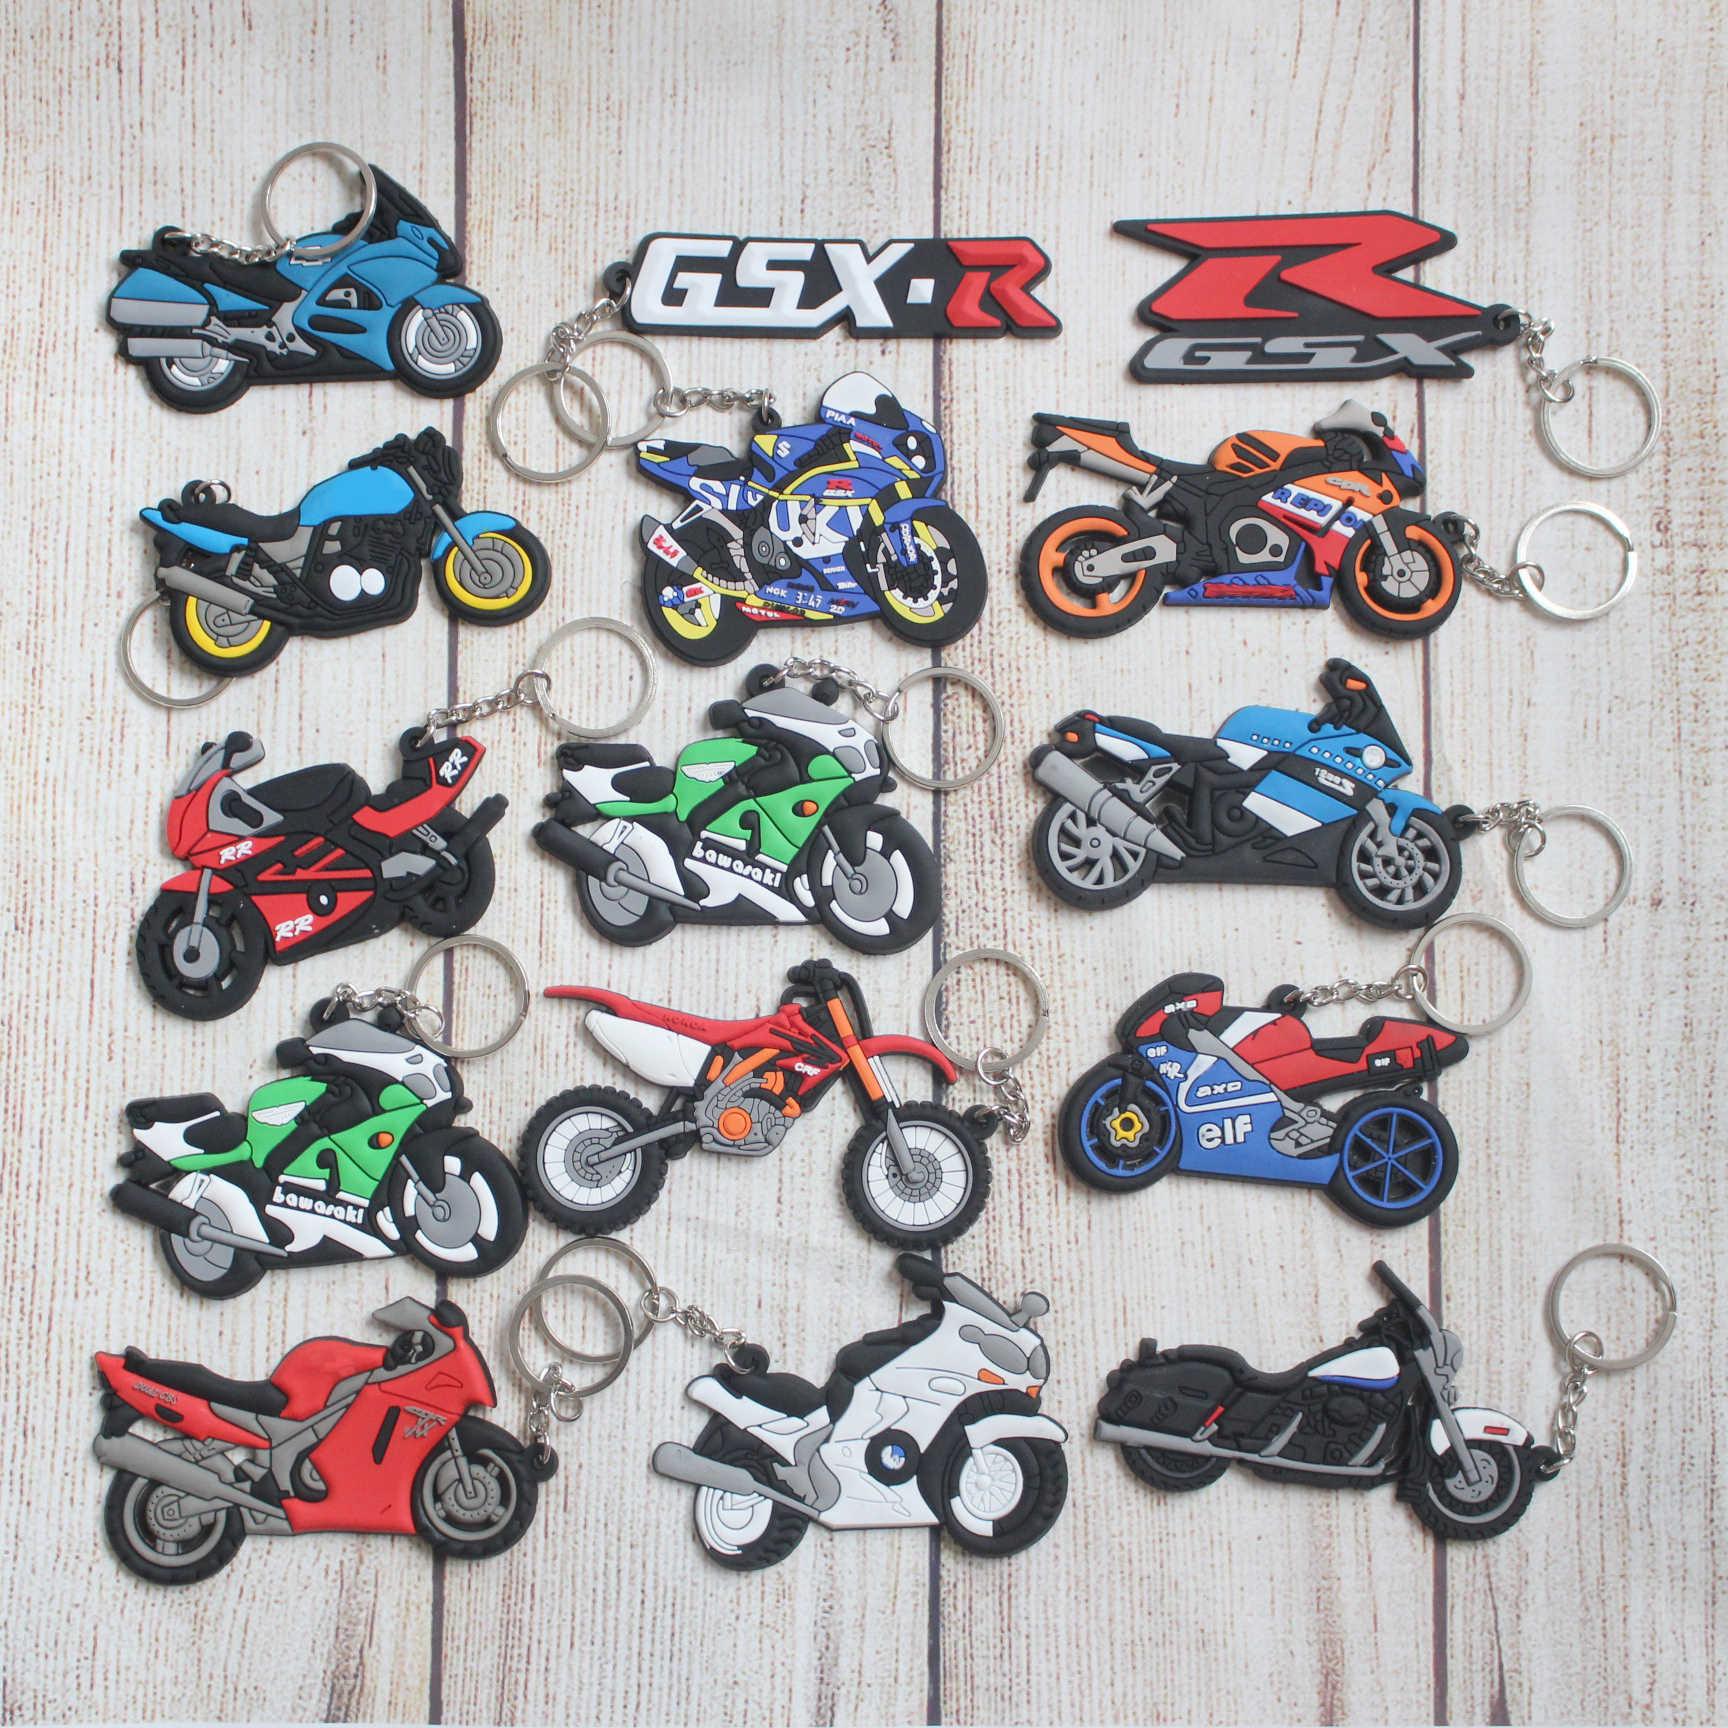 اكسسوارات الدراجات النارية المفاتيح كيرينغ Keyfob المطاط حلقة رئيسية لهوندا كاواساكي BMW سوزوكي ياماها